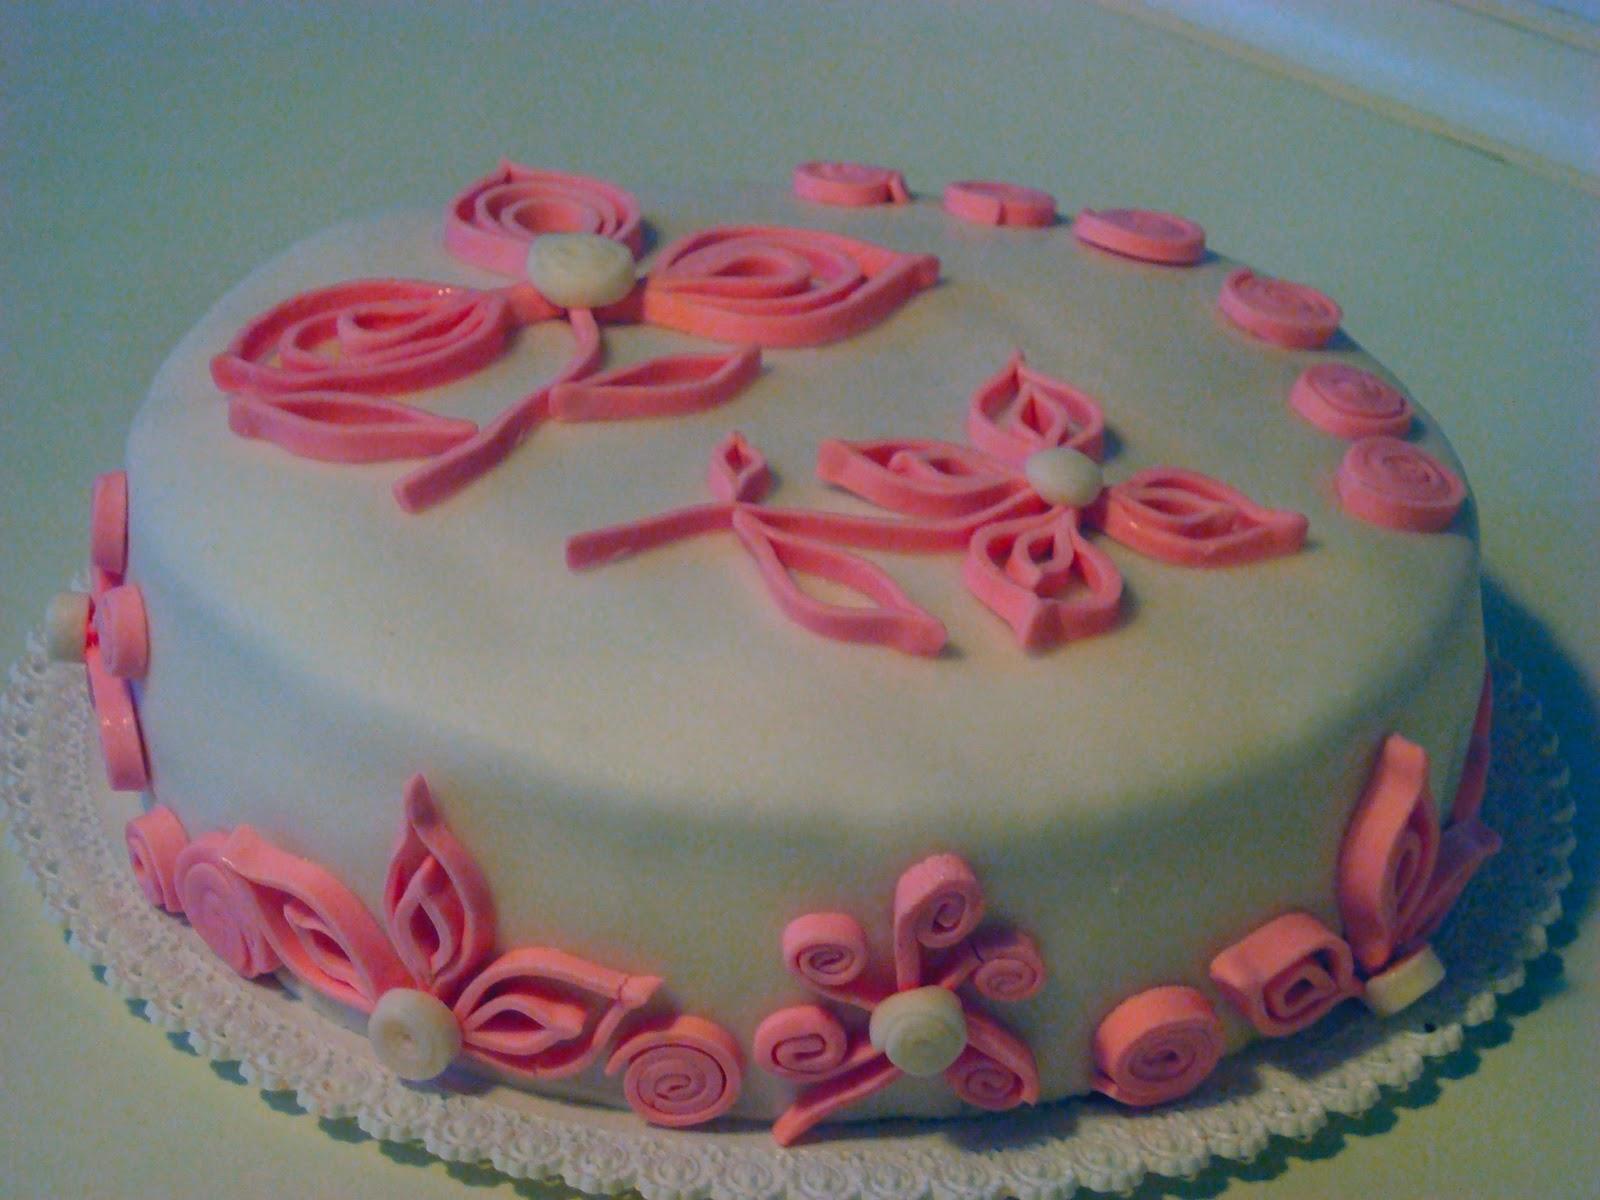 Di una tecnica cake ideas and designs for Decorazioni torte ninjago